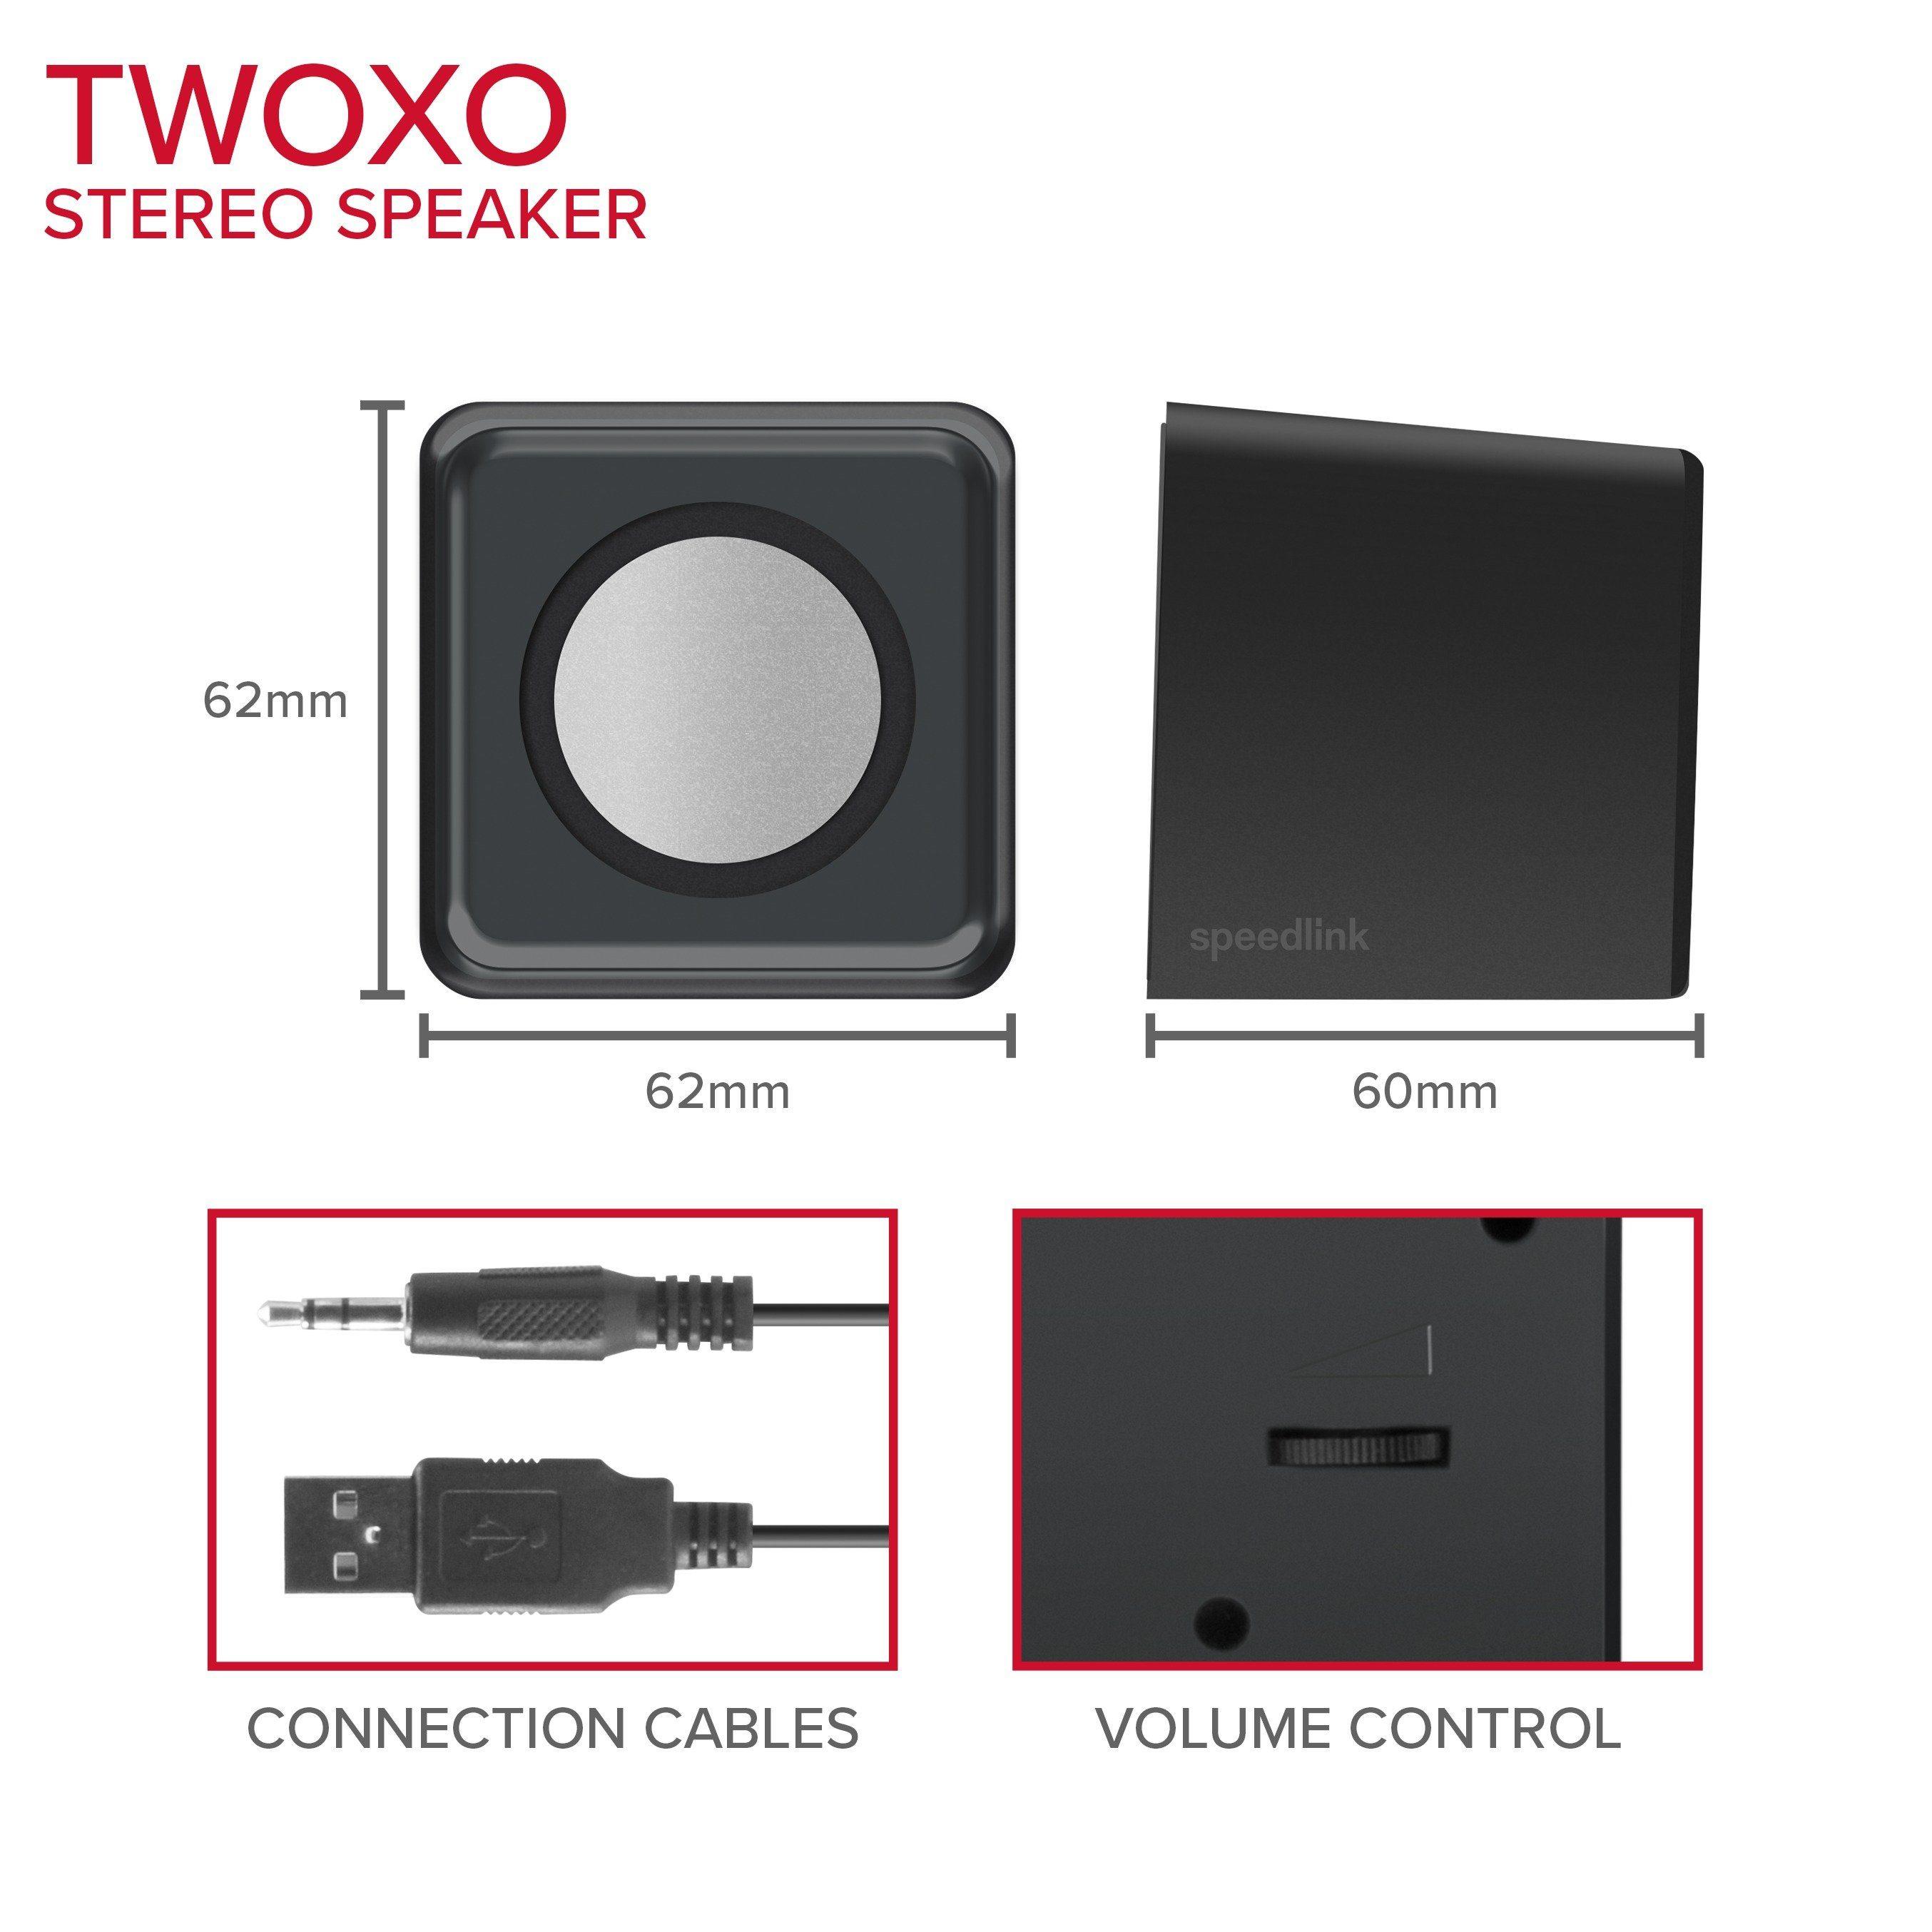 SPEEDLINK Stereo Lautsprecher »TWOXO Stereo Speakers schwarz«